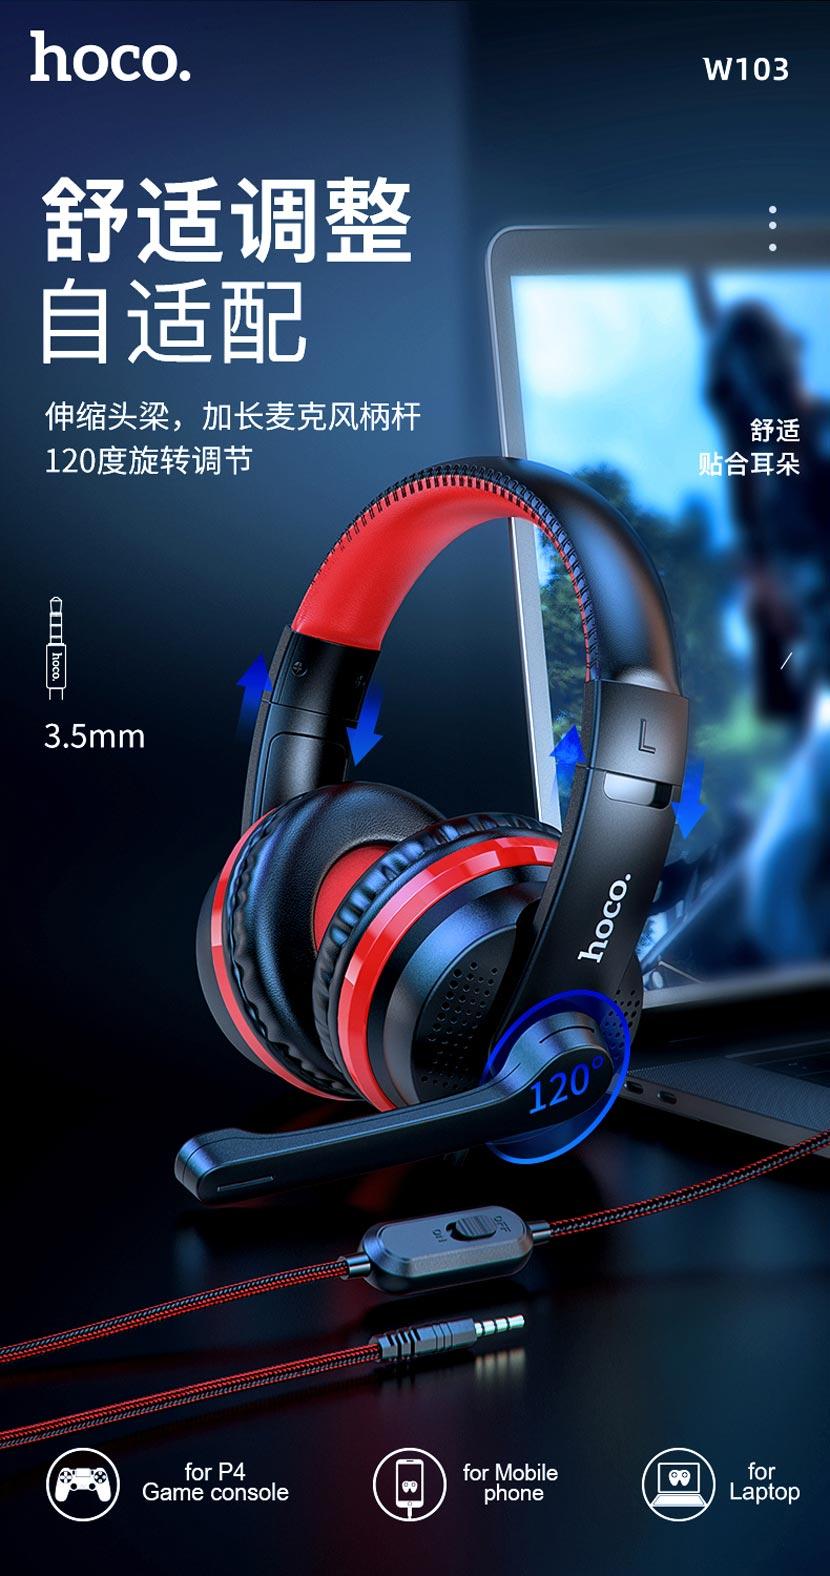 hoco news w103 magic tour gaming headphones adjustment cn